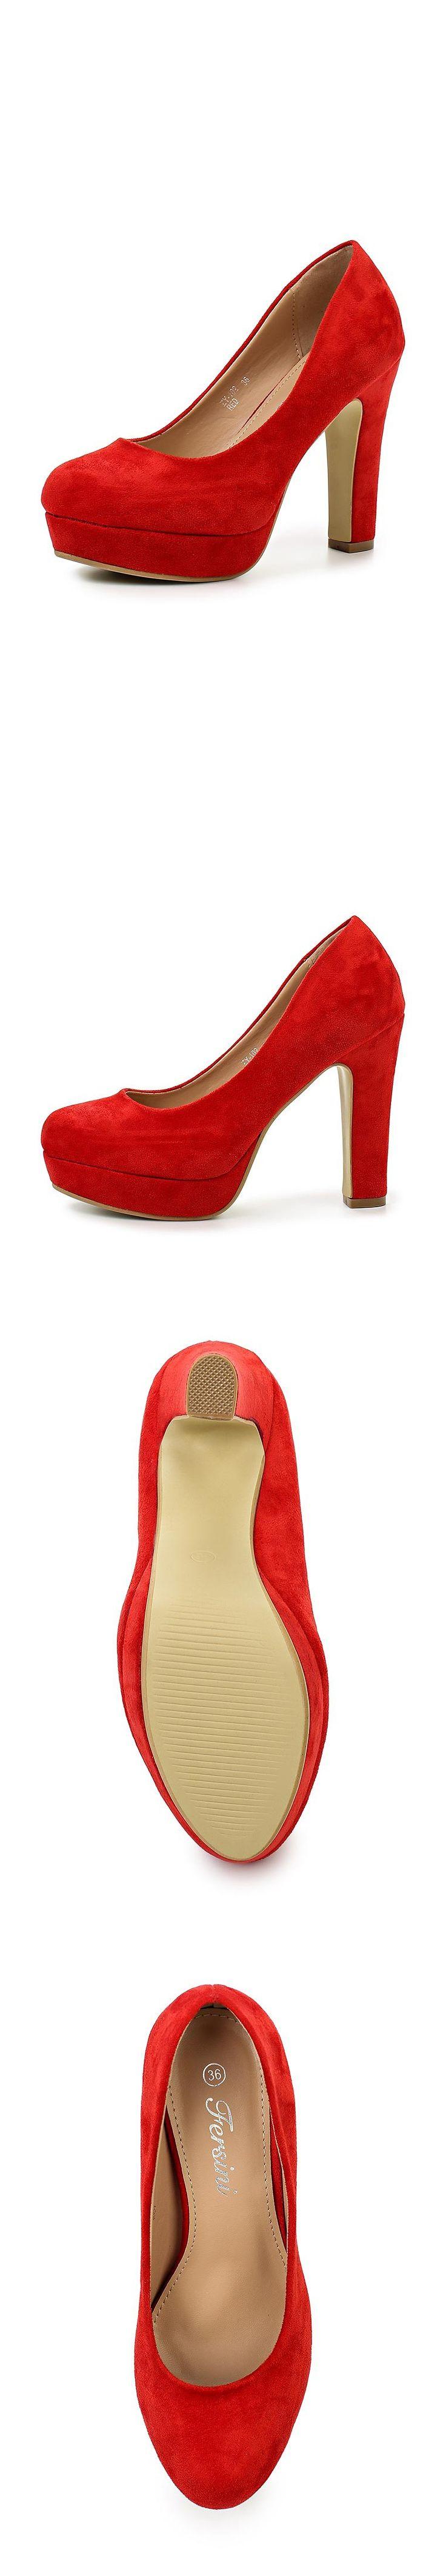 Женская обувь туфли Fersini за 3110.00 руб.